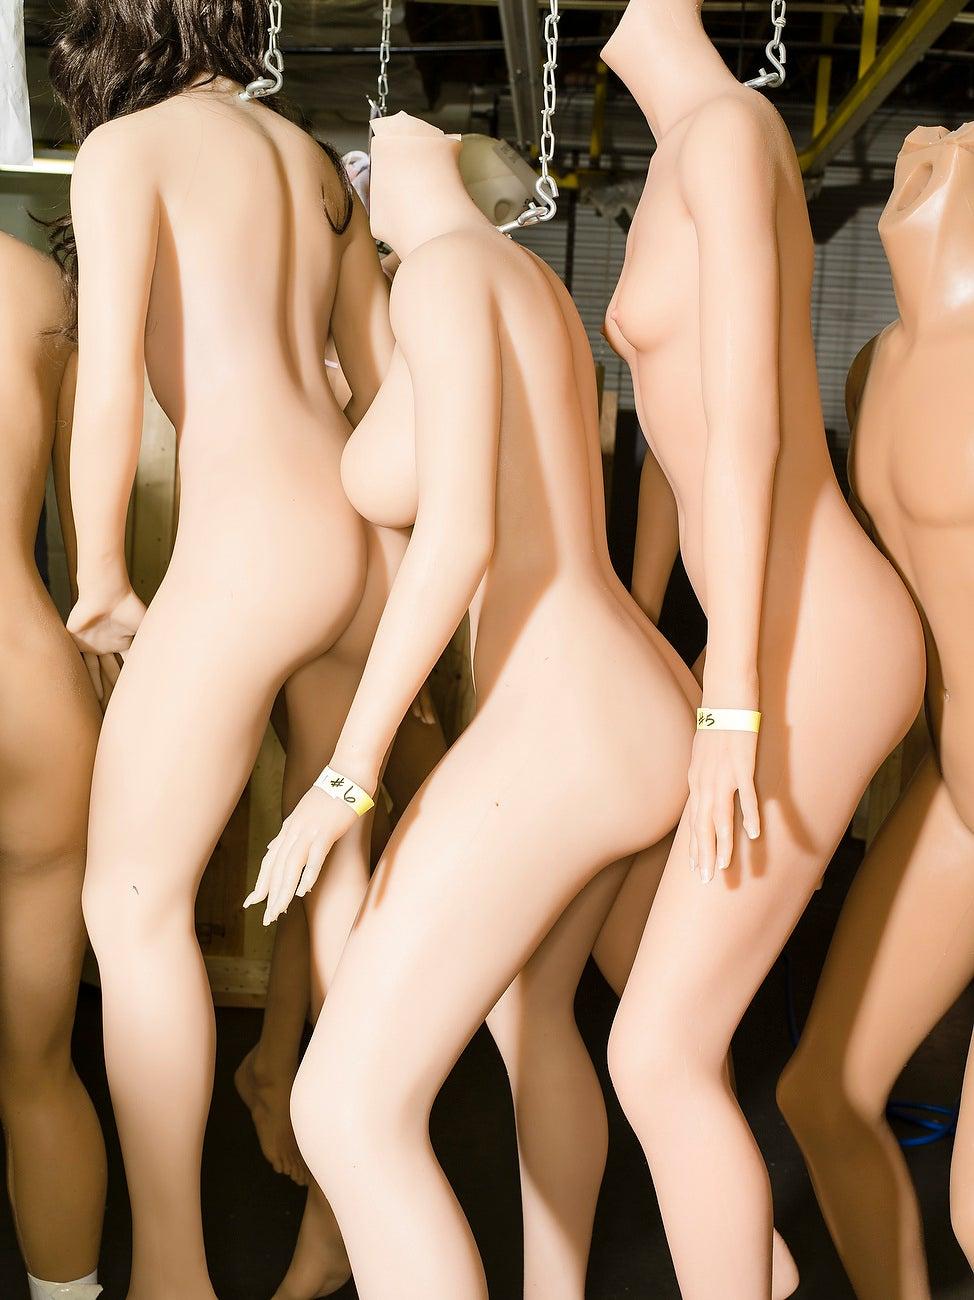 Bikini sex site